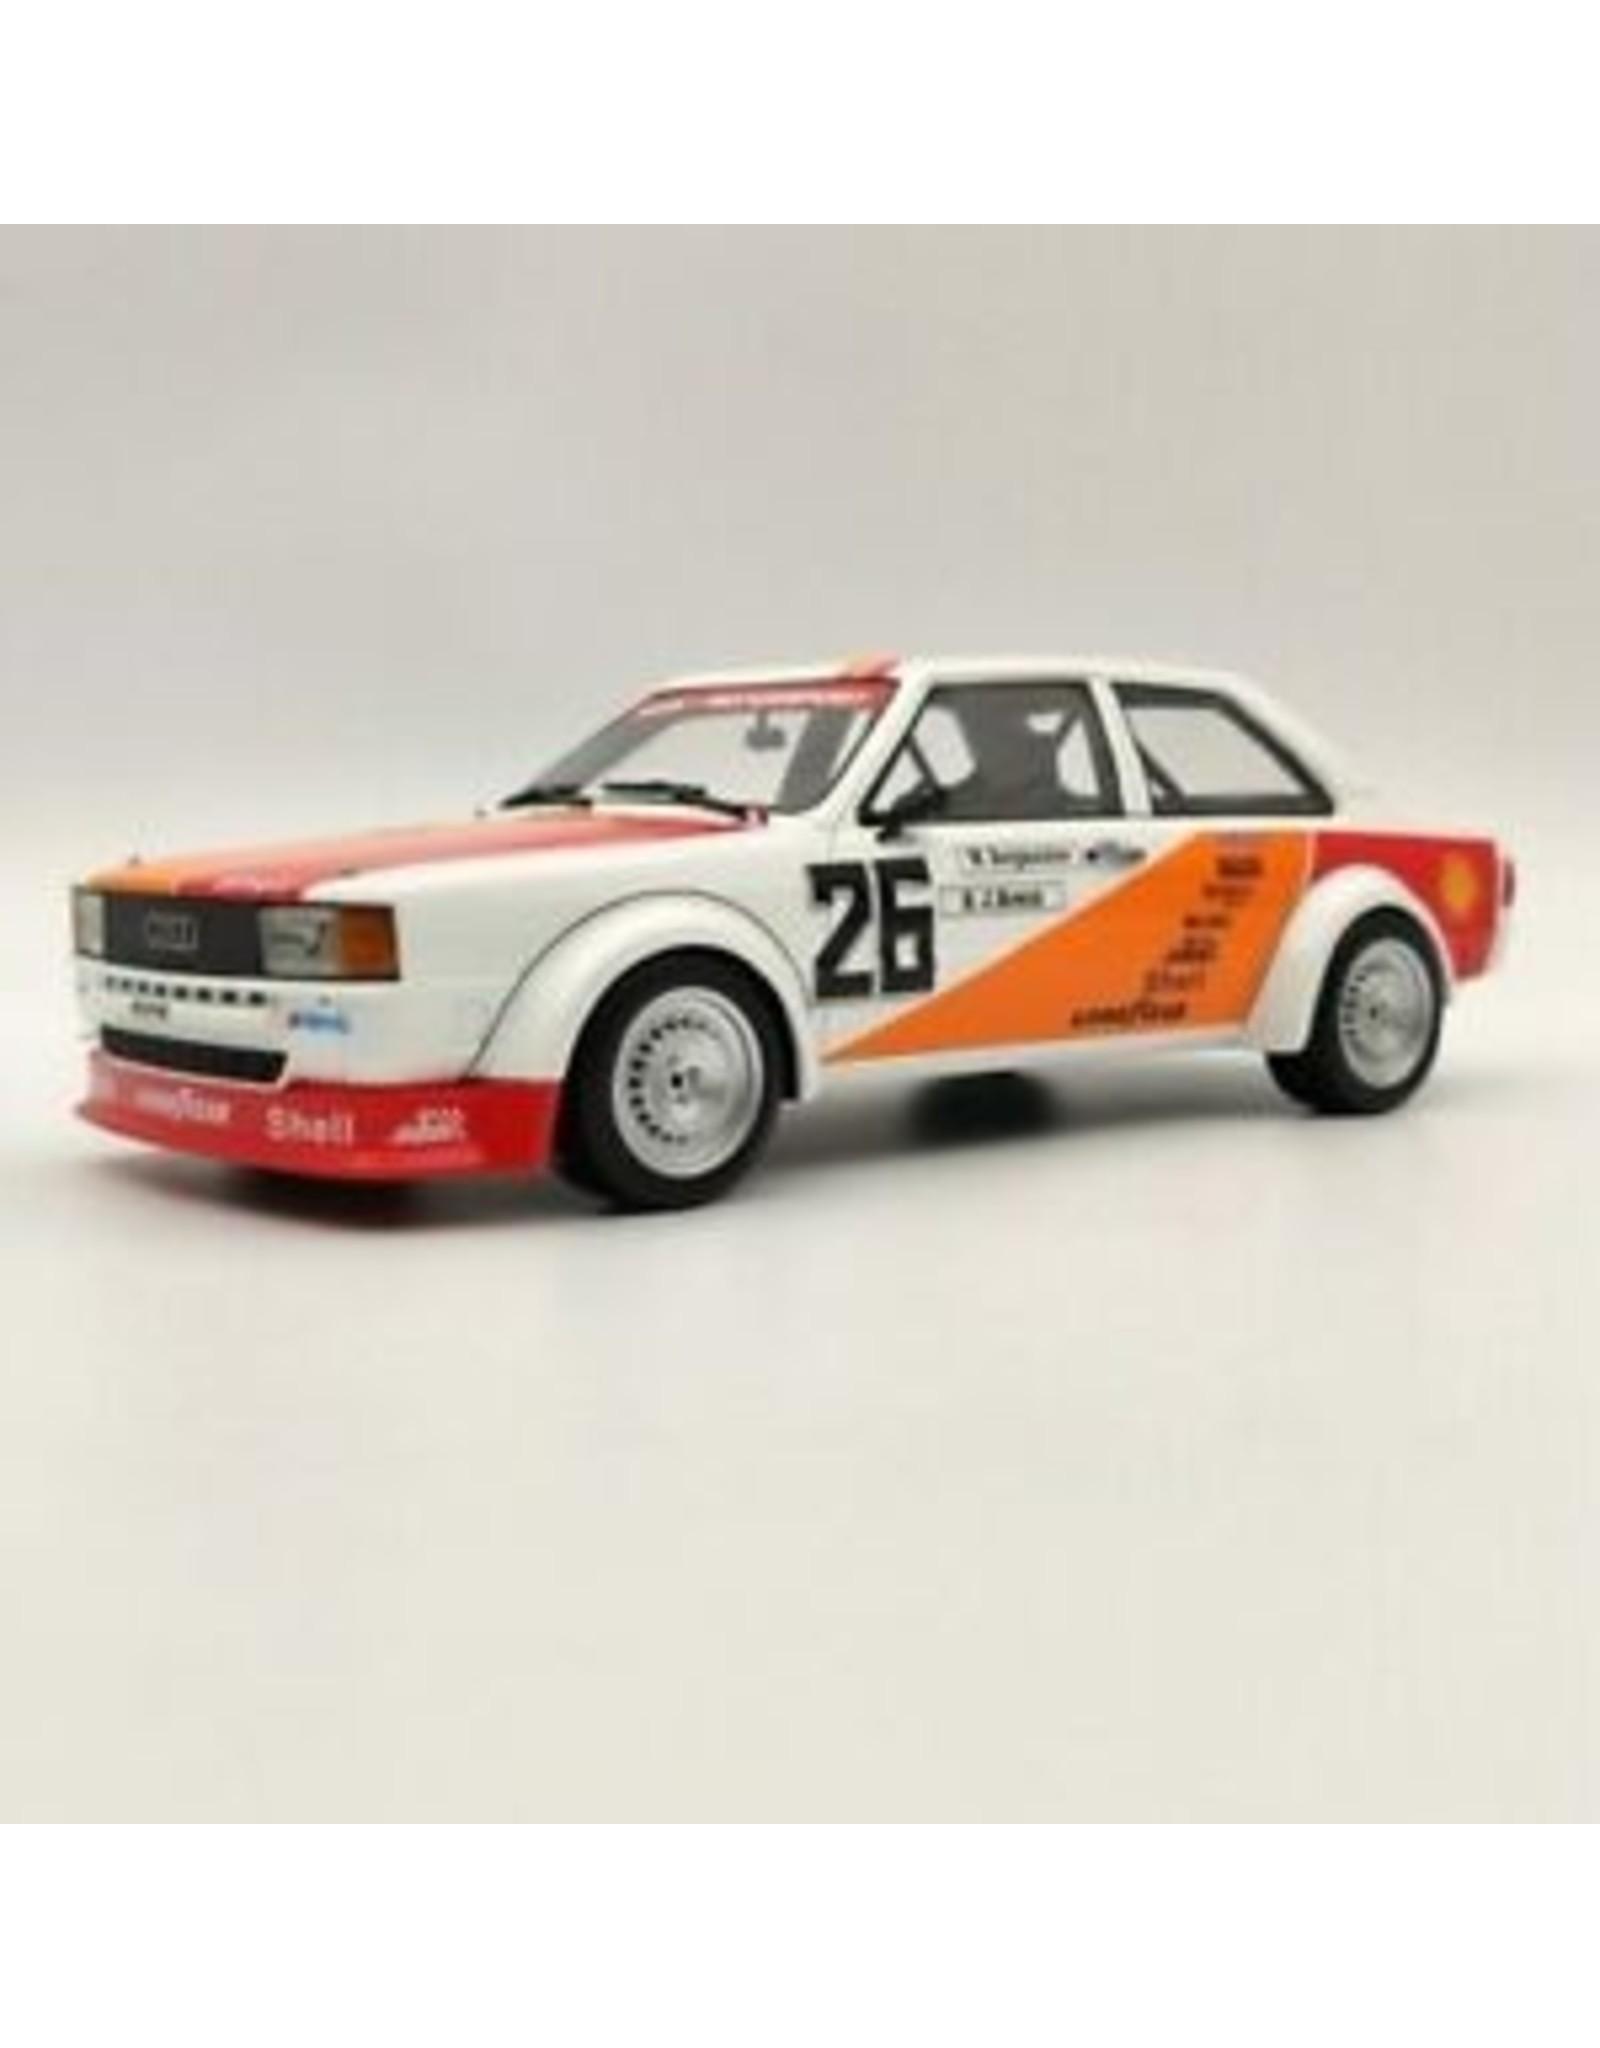 Audi Audi 80 (B2) Gr.2 #26 ETCC Vallelunga (Italy) 1980 - 1:18 - Premium ClassiXXs